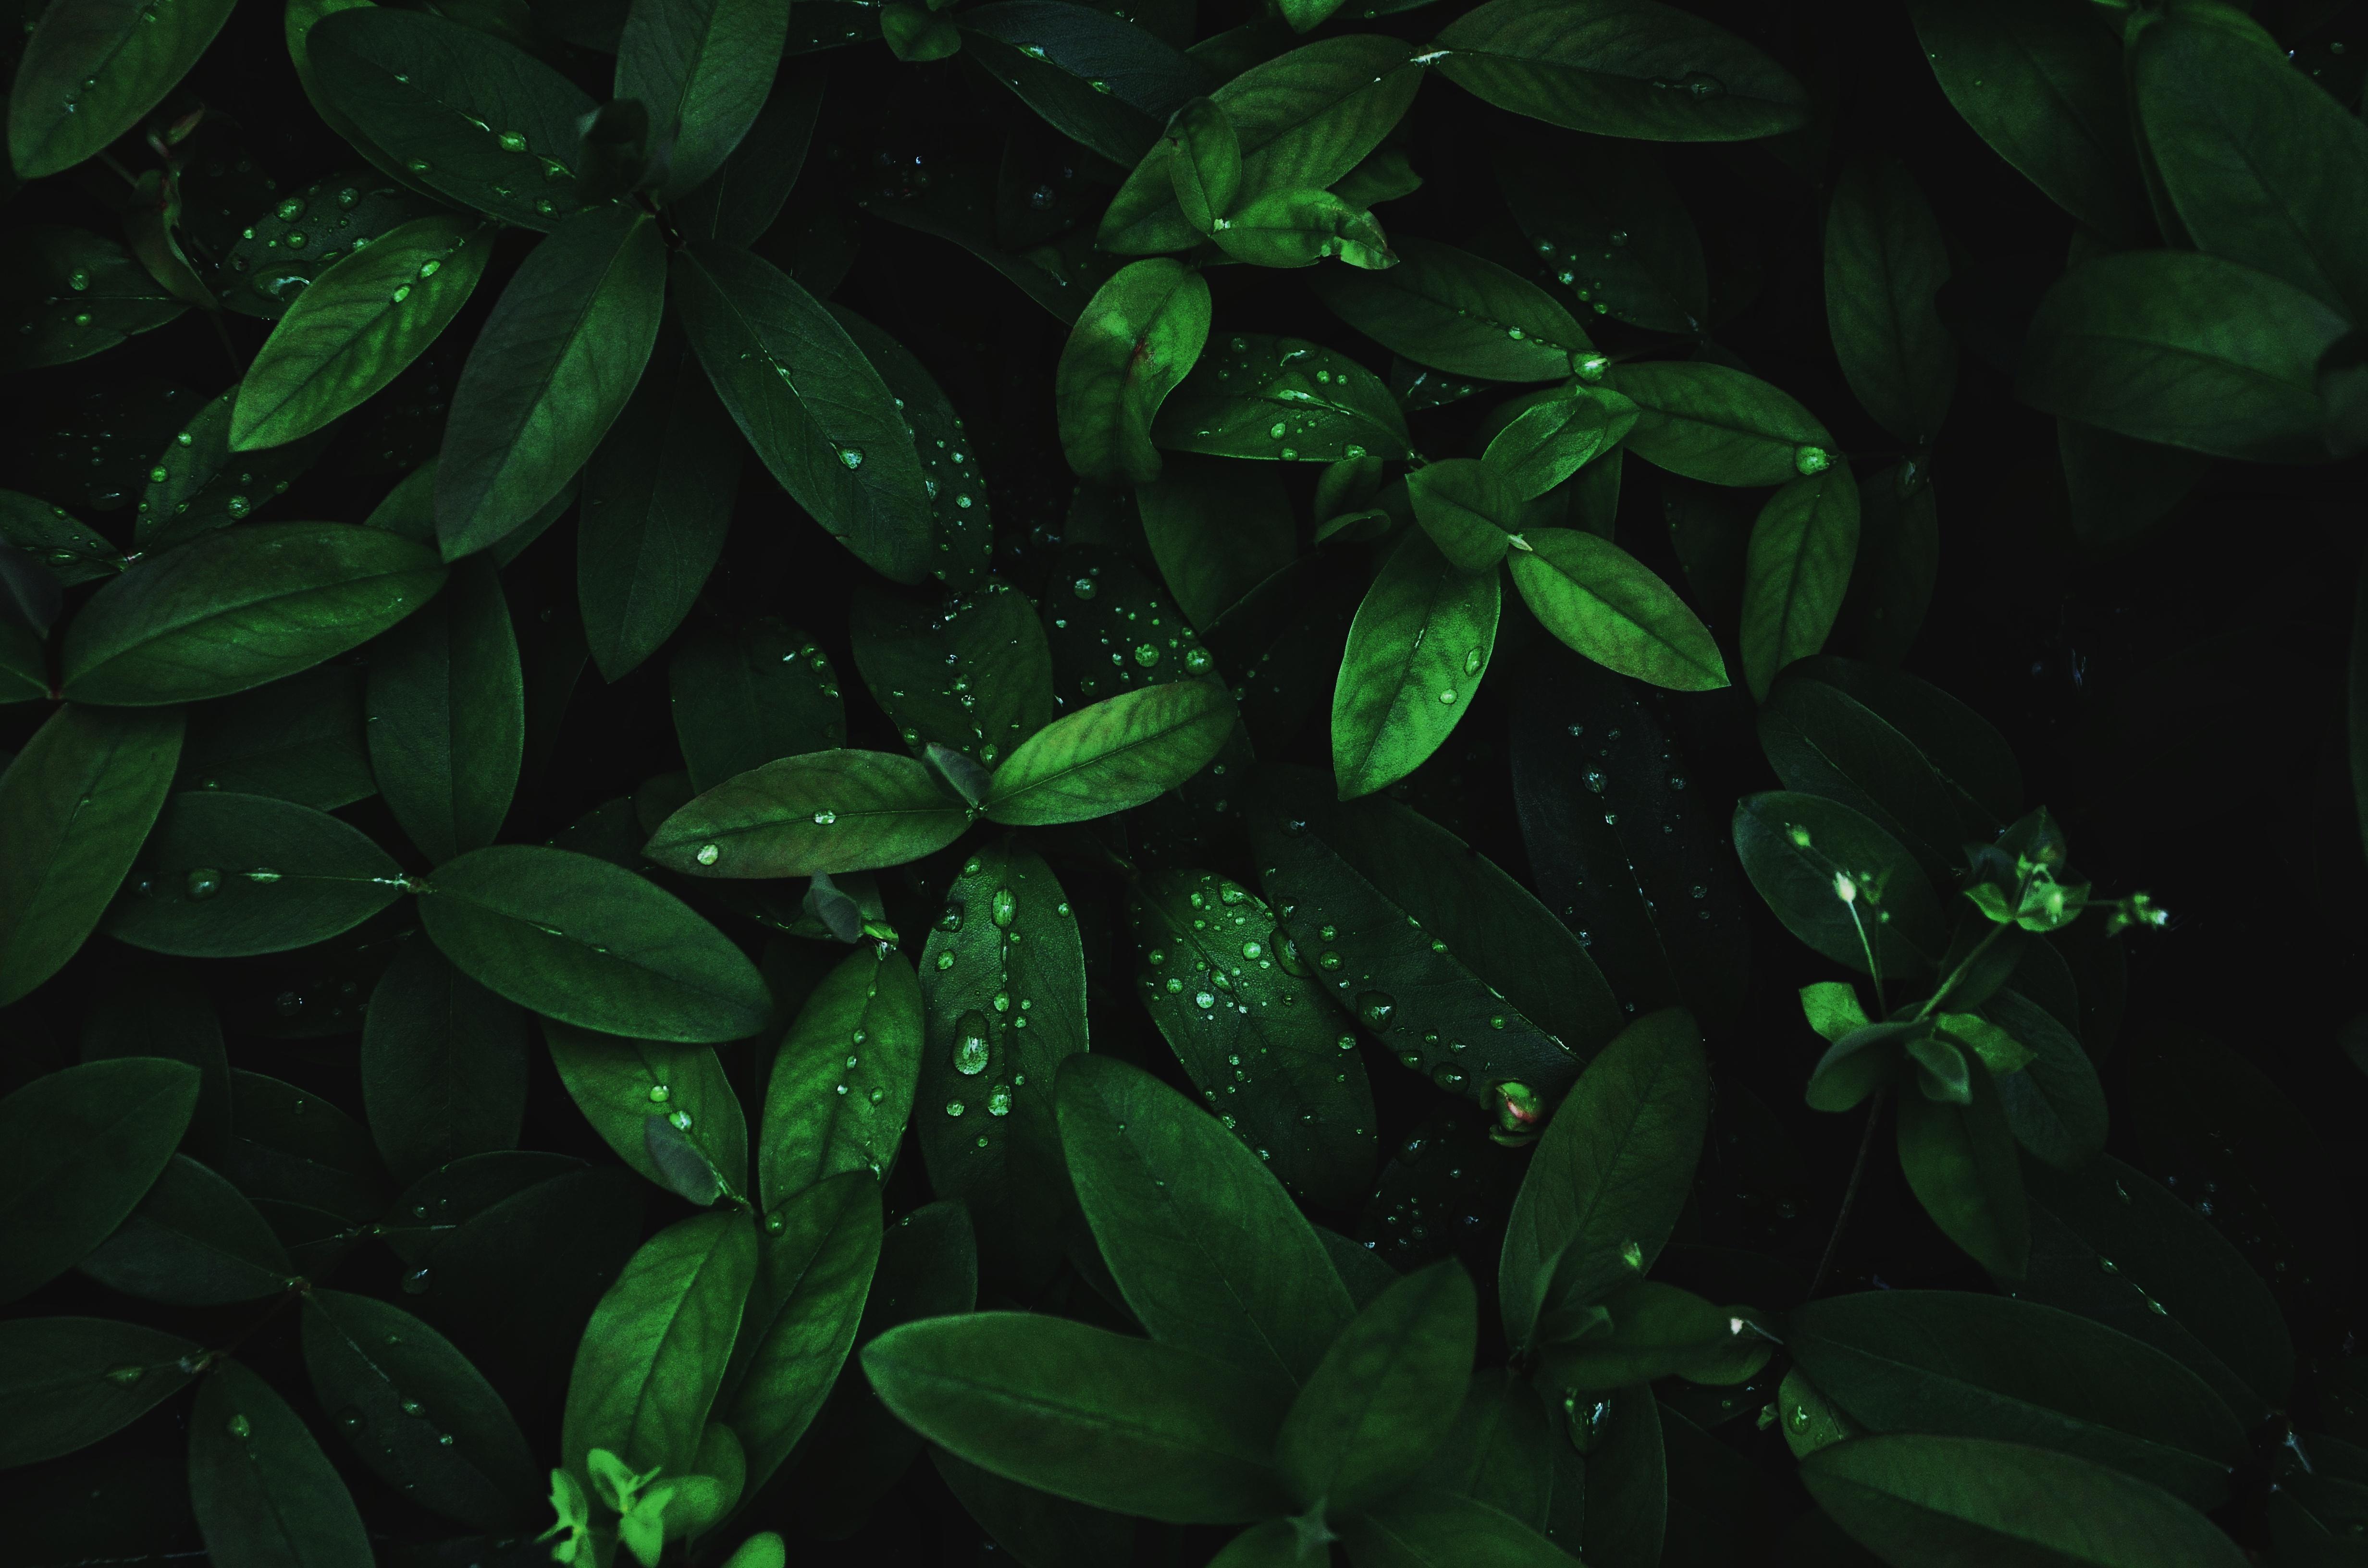 118177 Hintergrundbild herunterladen Makro, Dunkel, Blätter, Drops, Pflanze, Feuchtigkeit, Tau - Bildschirmschoner und Bilder kostenlos